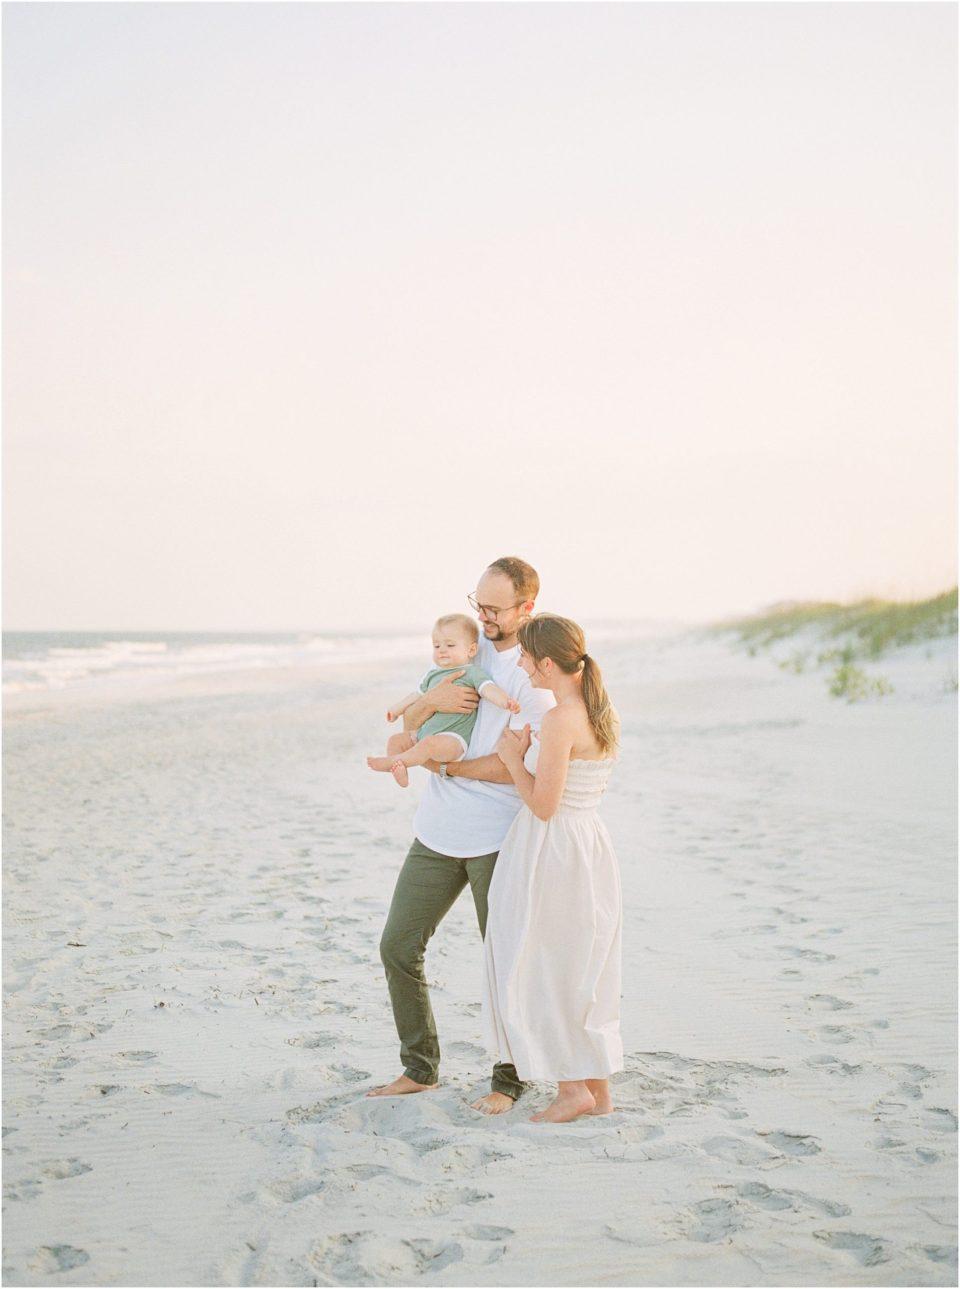 family photos on the beach south carolina photographer